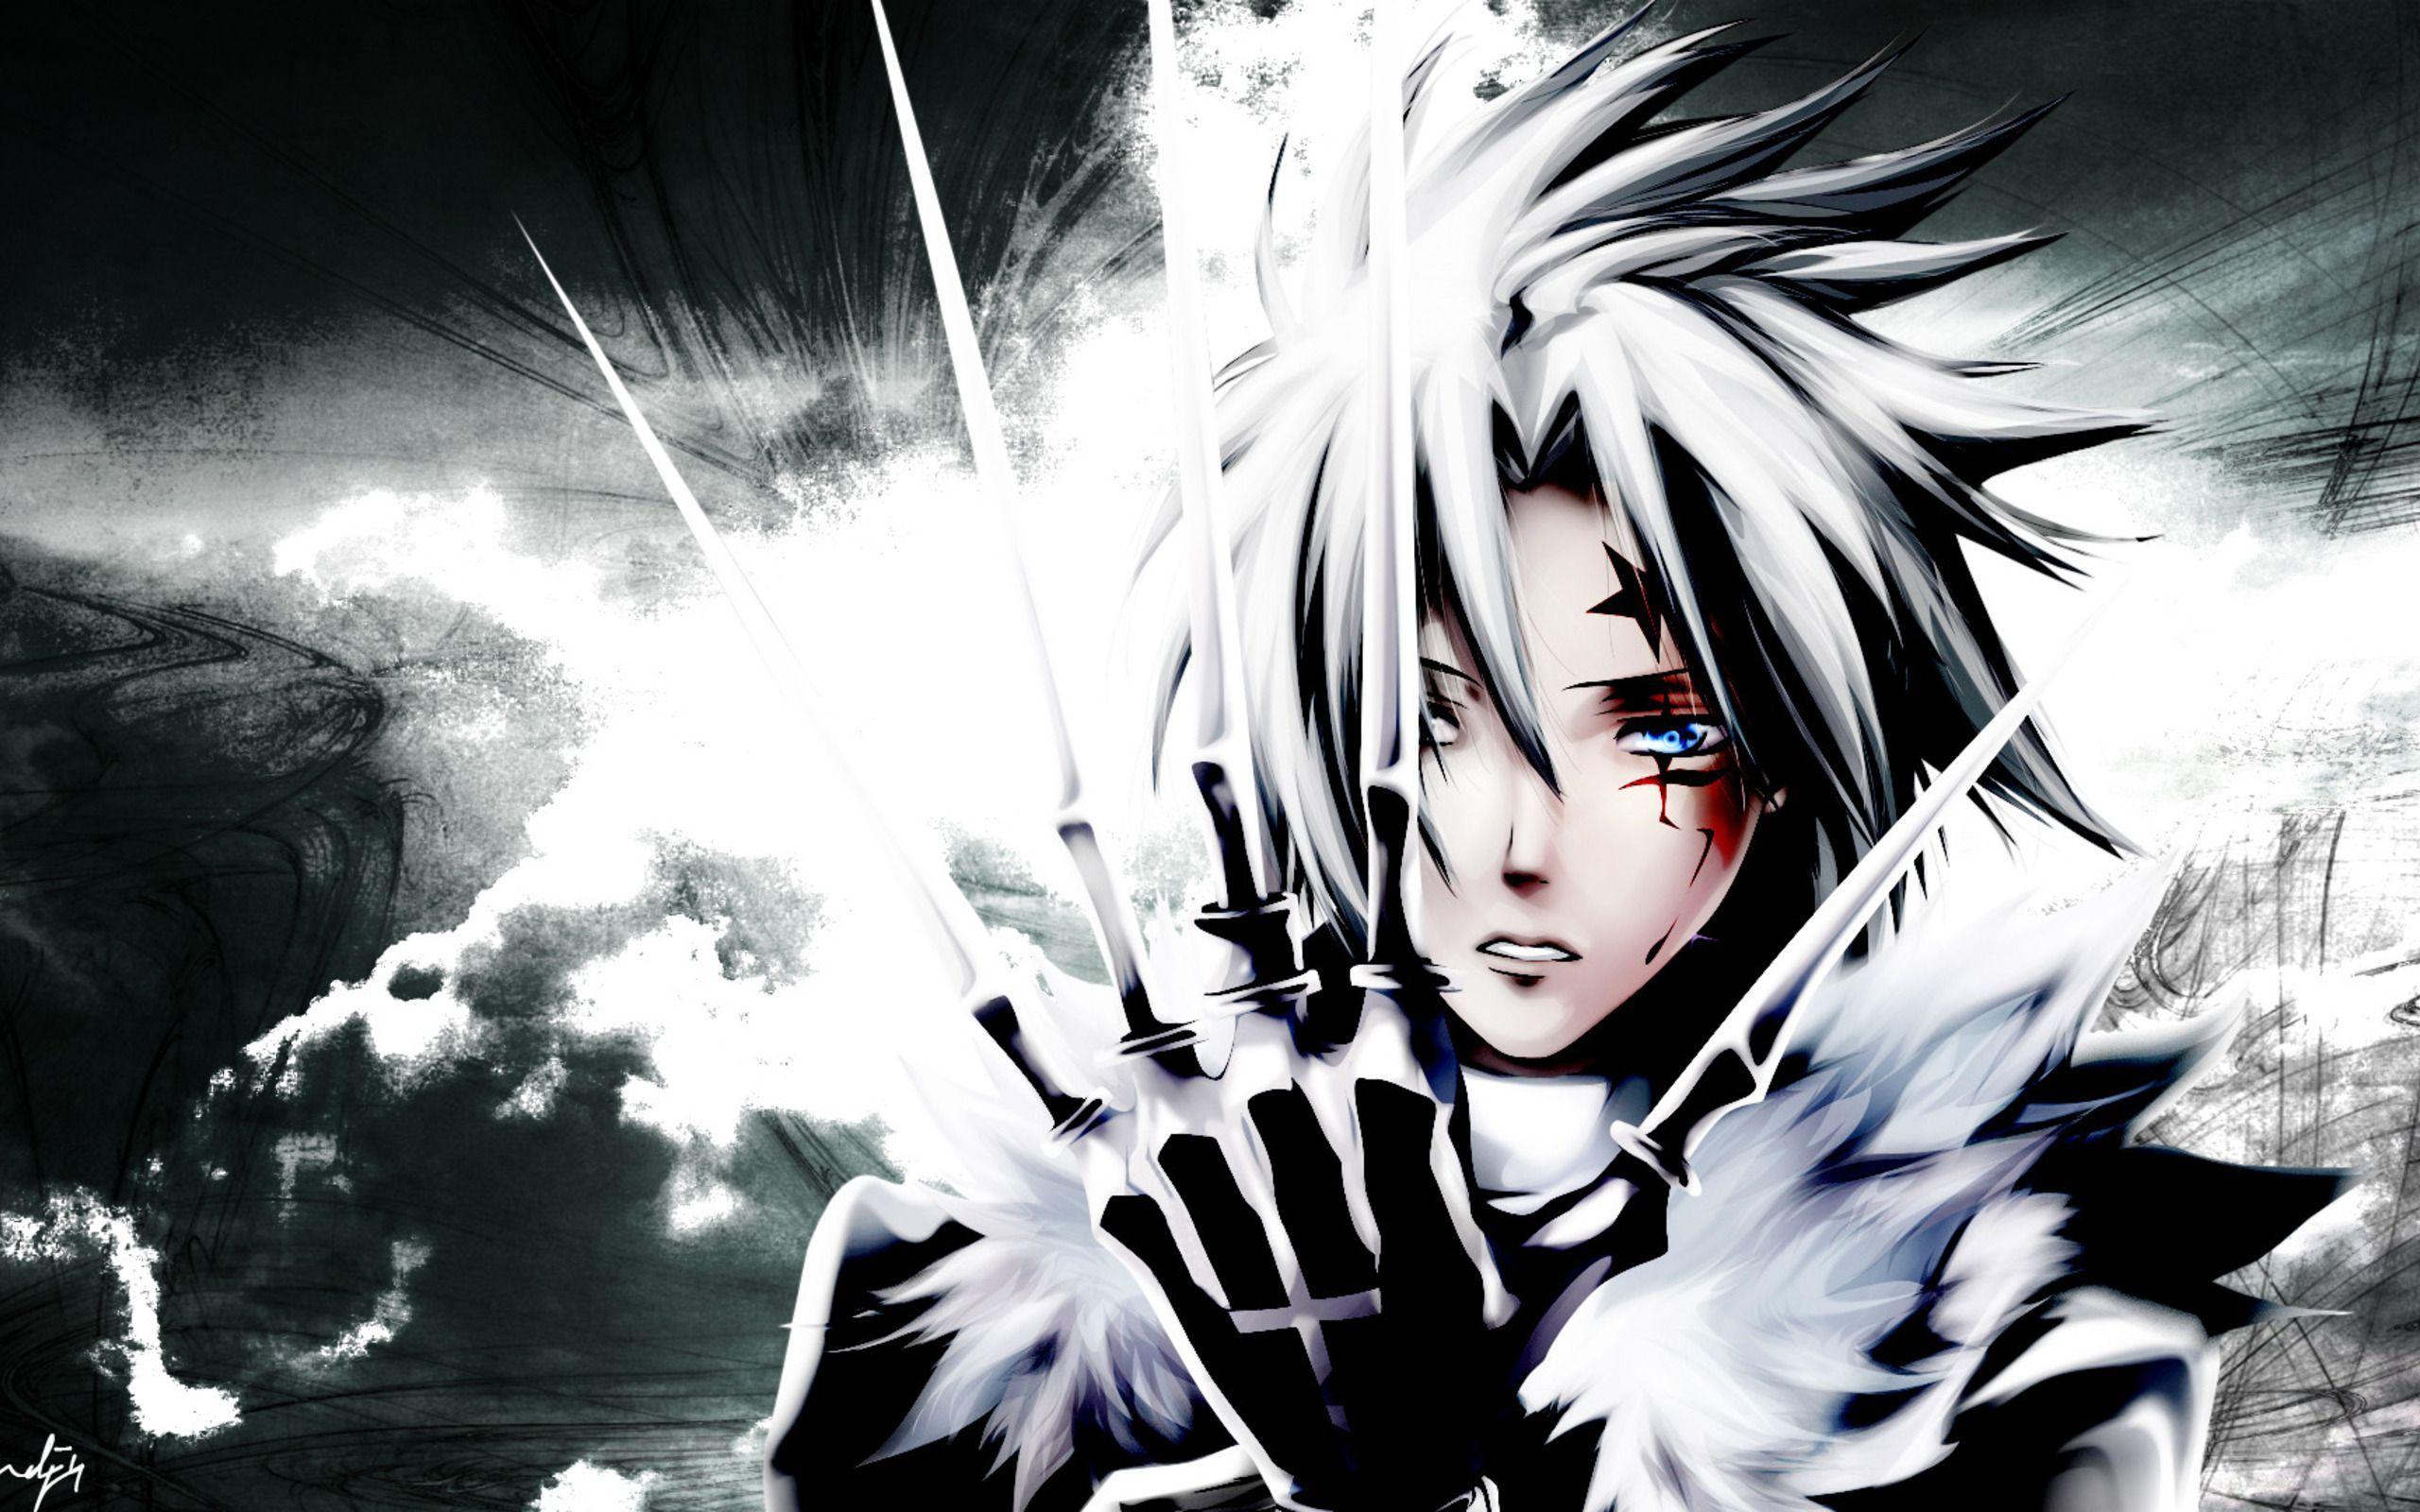 Đơn sắc Anime D Người đàn ông xám Allen Walker NGHỆ THUẬT đen và trắng Nhiếp